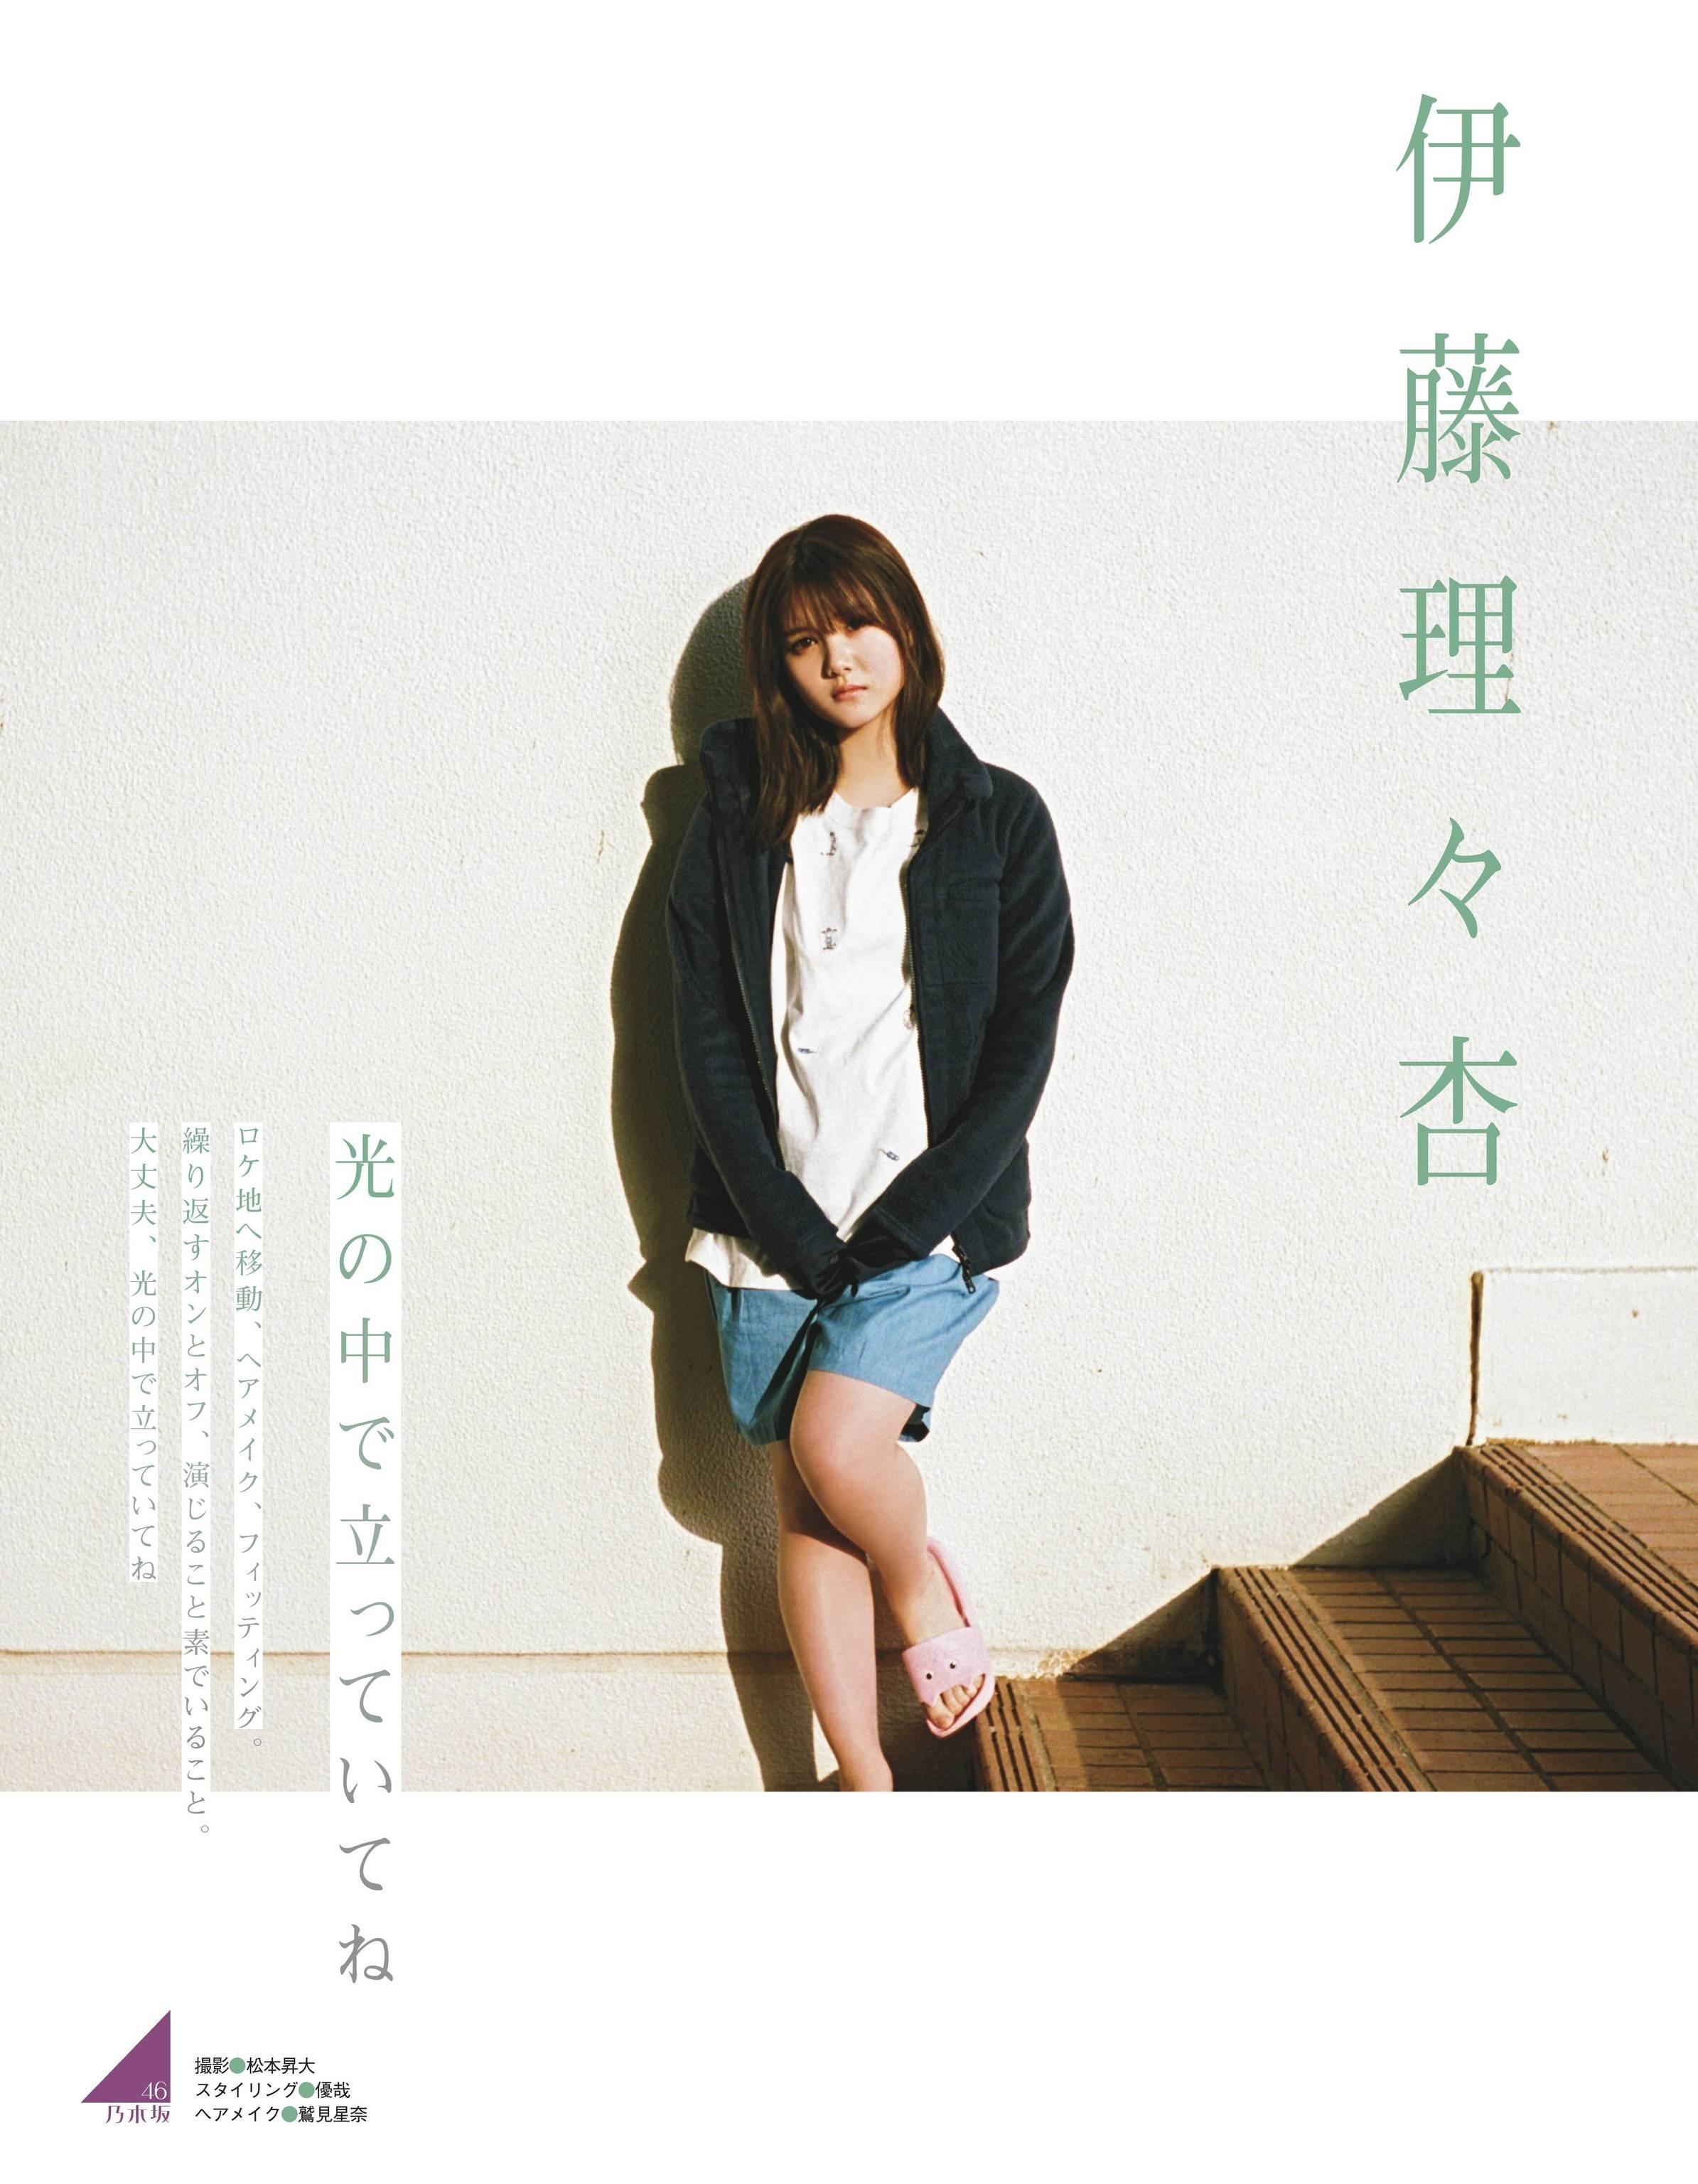 02-Riria Ito (1)